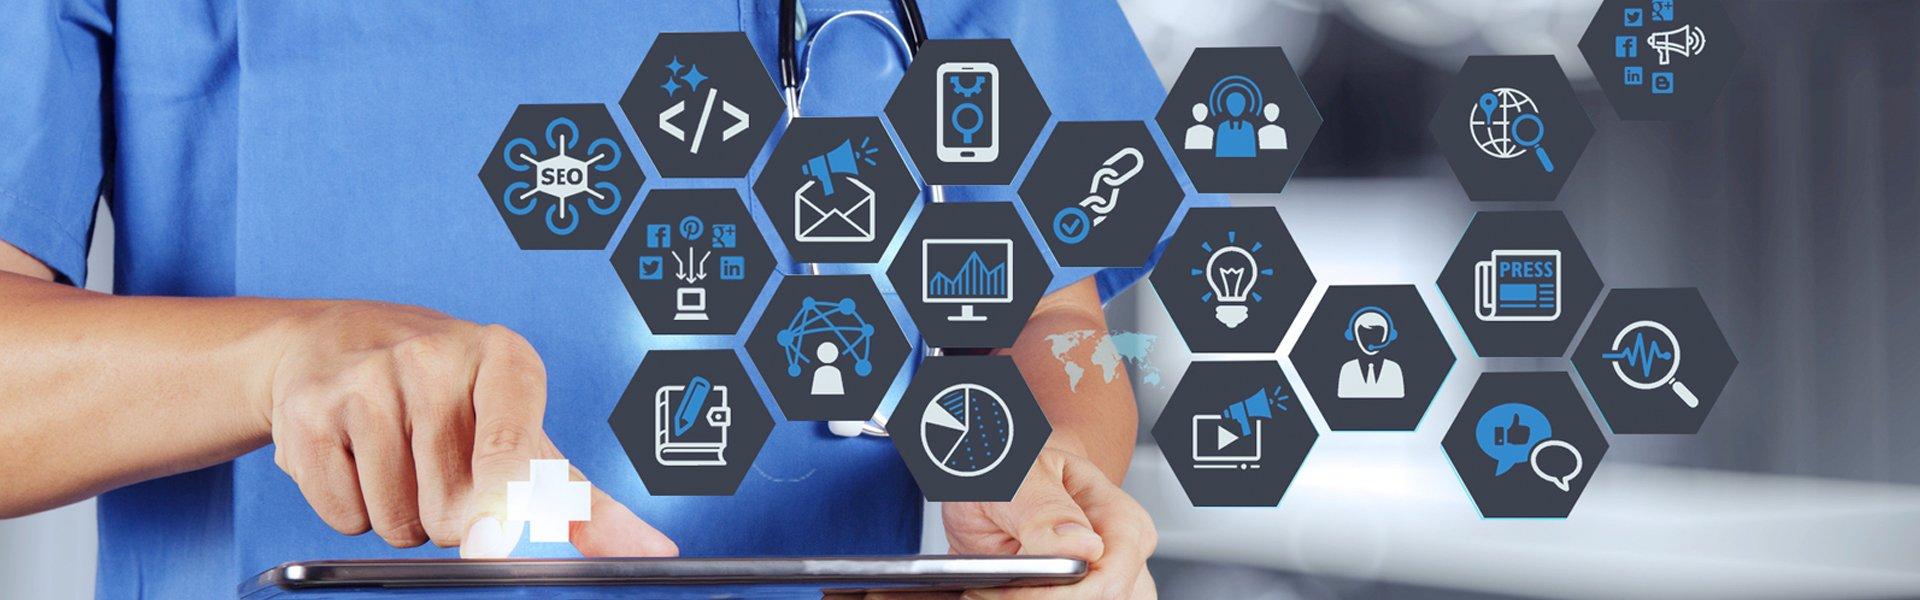 Healthcare Industry ERP - Agaram InfoTech